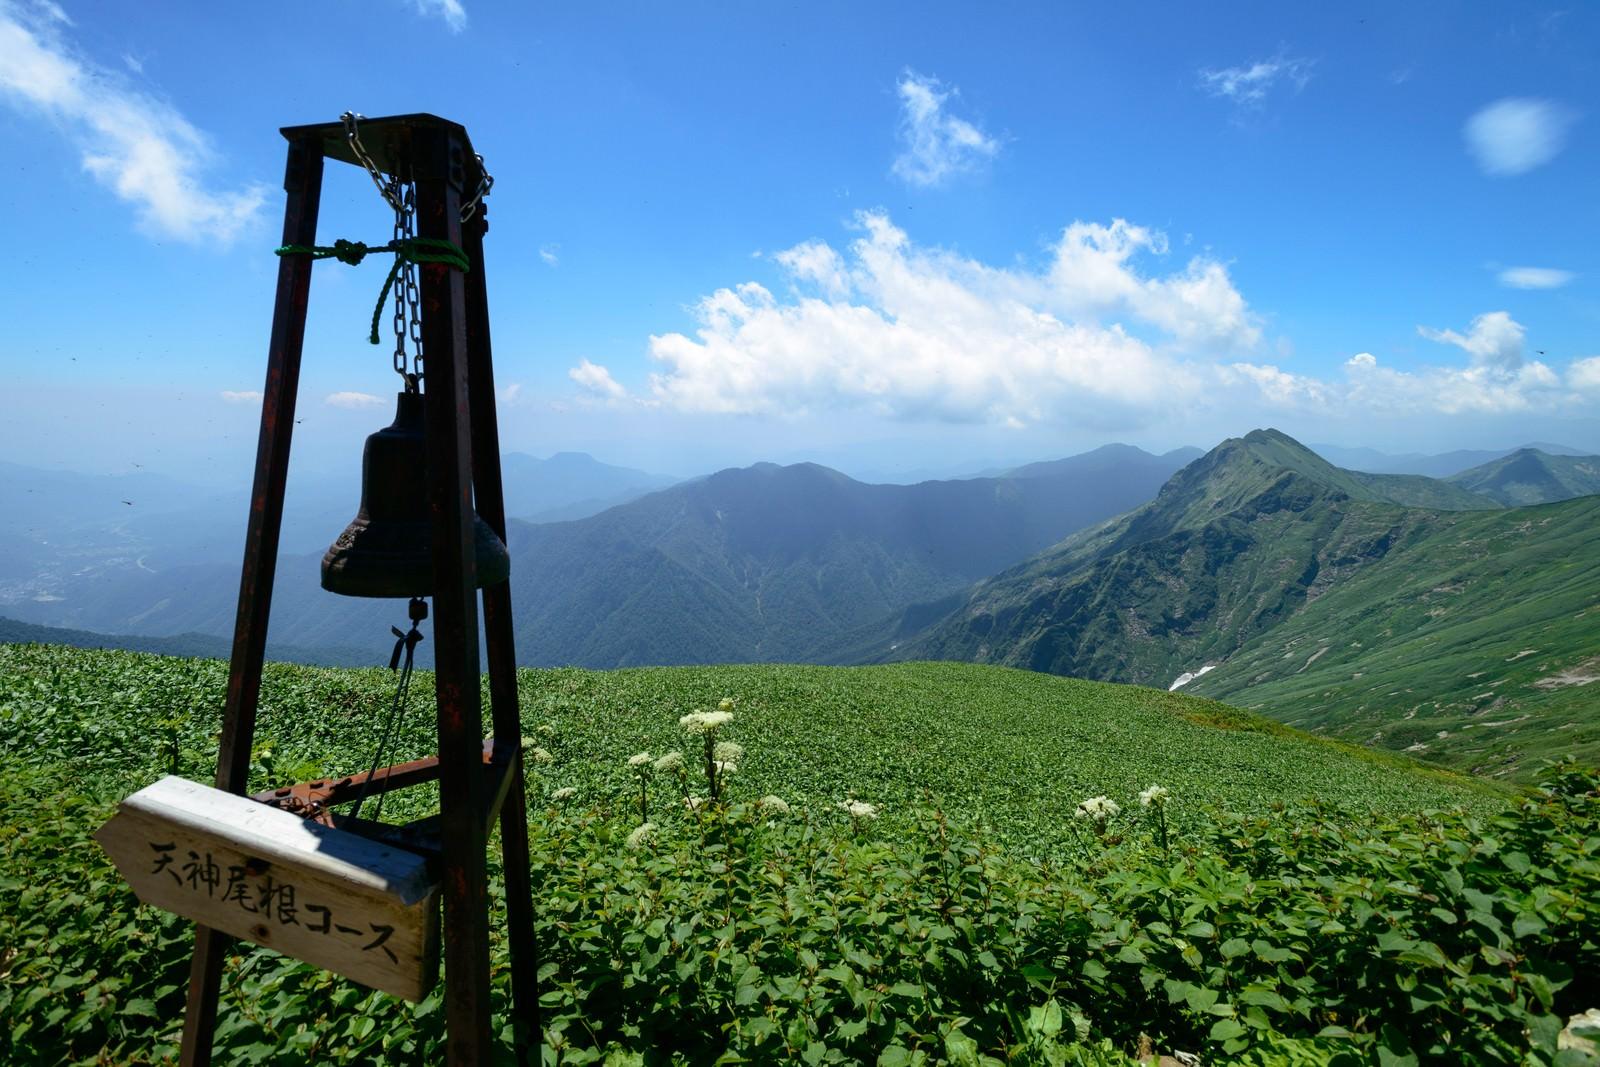 「道標となる稜線に佇む鐘」の写真